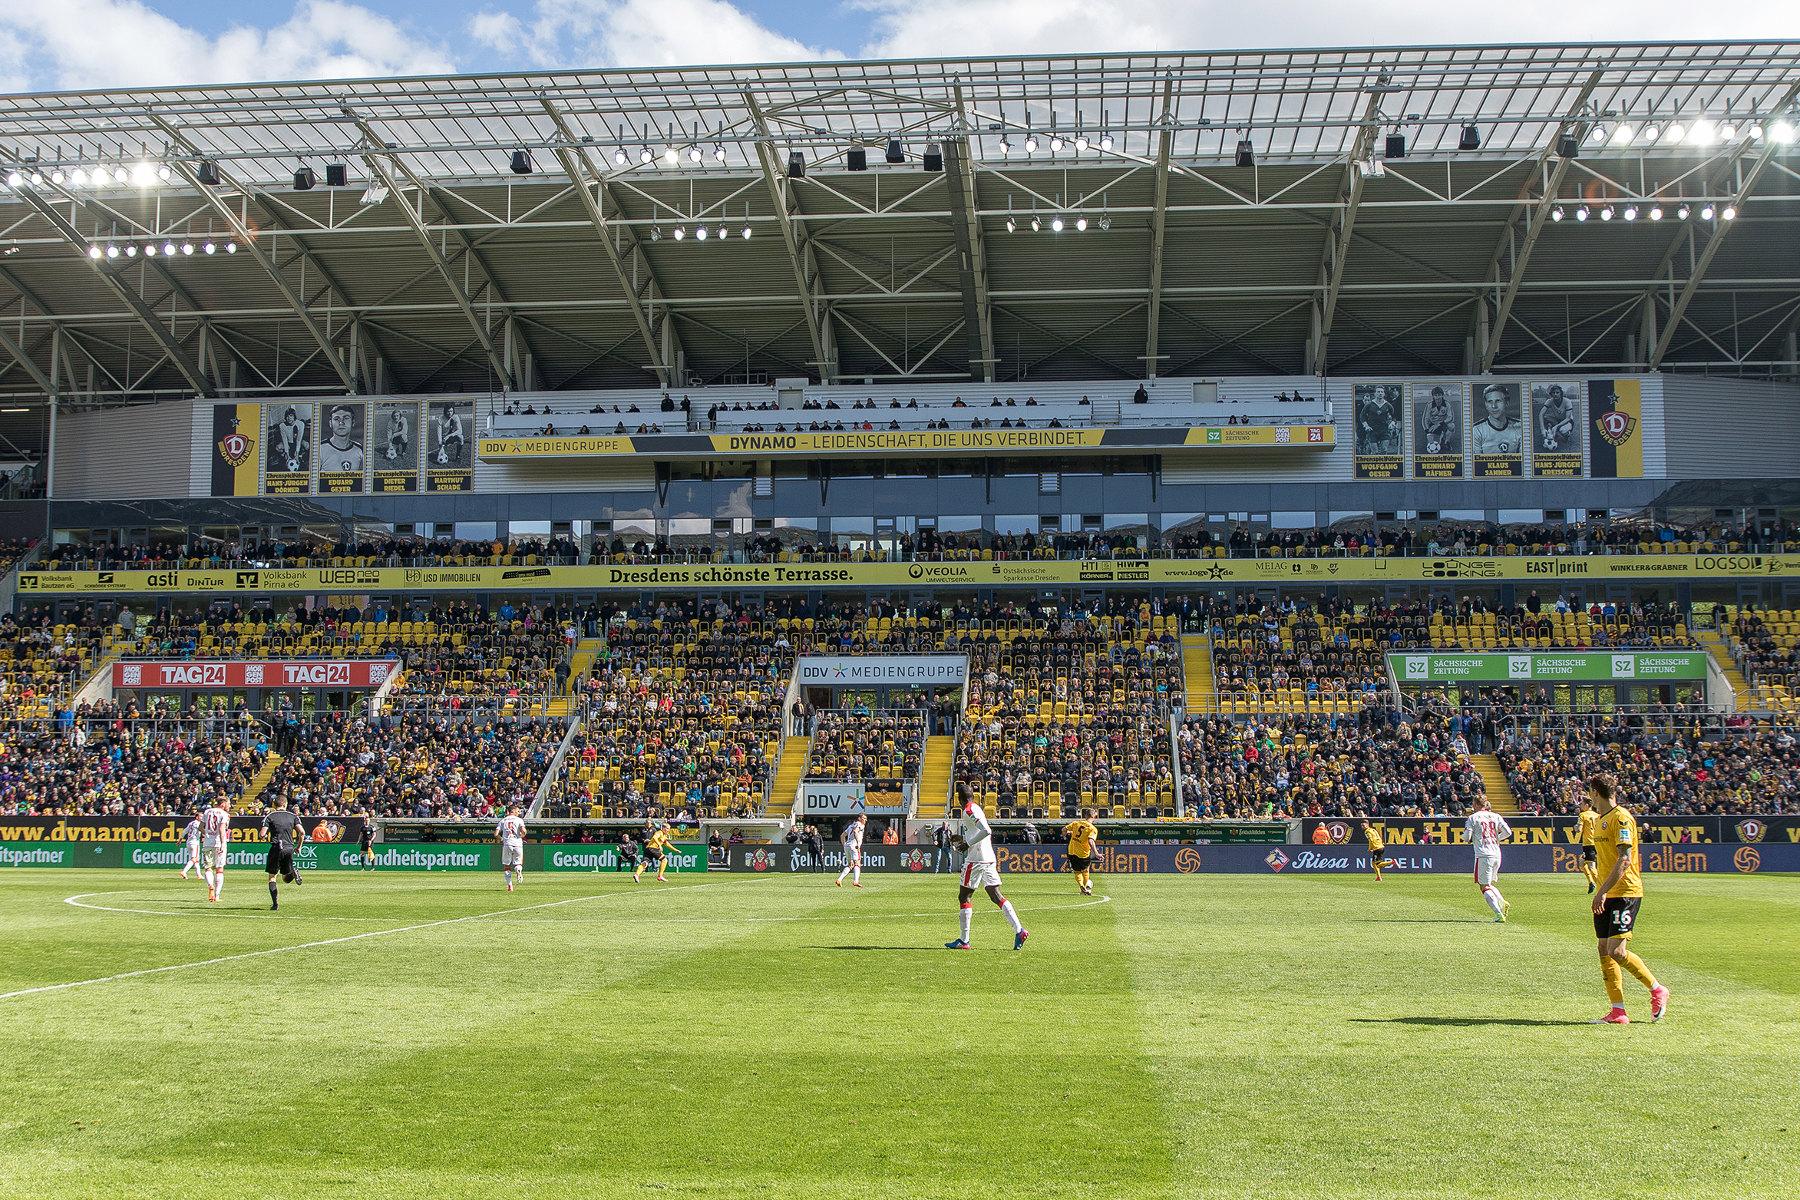 Die Vip-Tribüne mit den Tafeln der Ehrenspielführern der SG Dynamo Dresden.